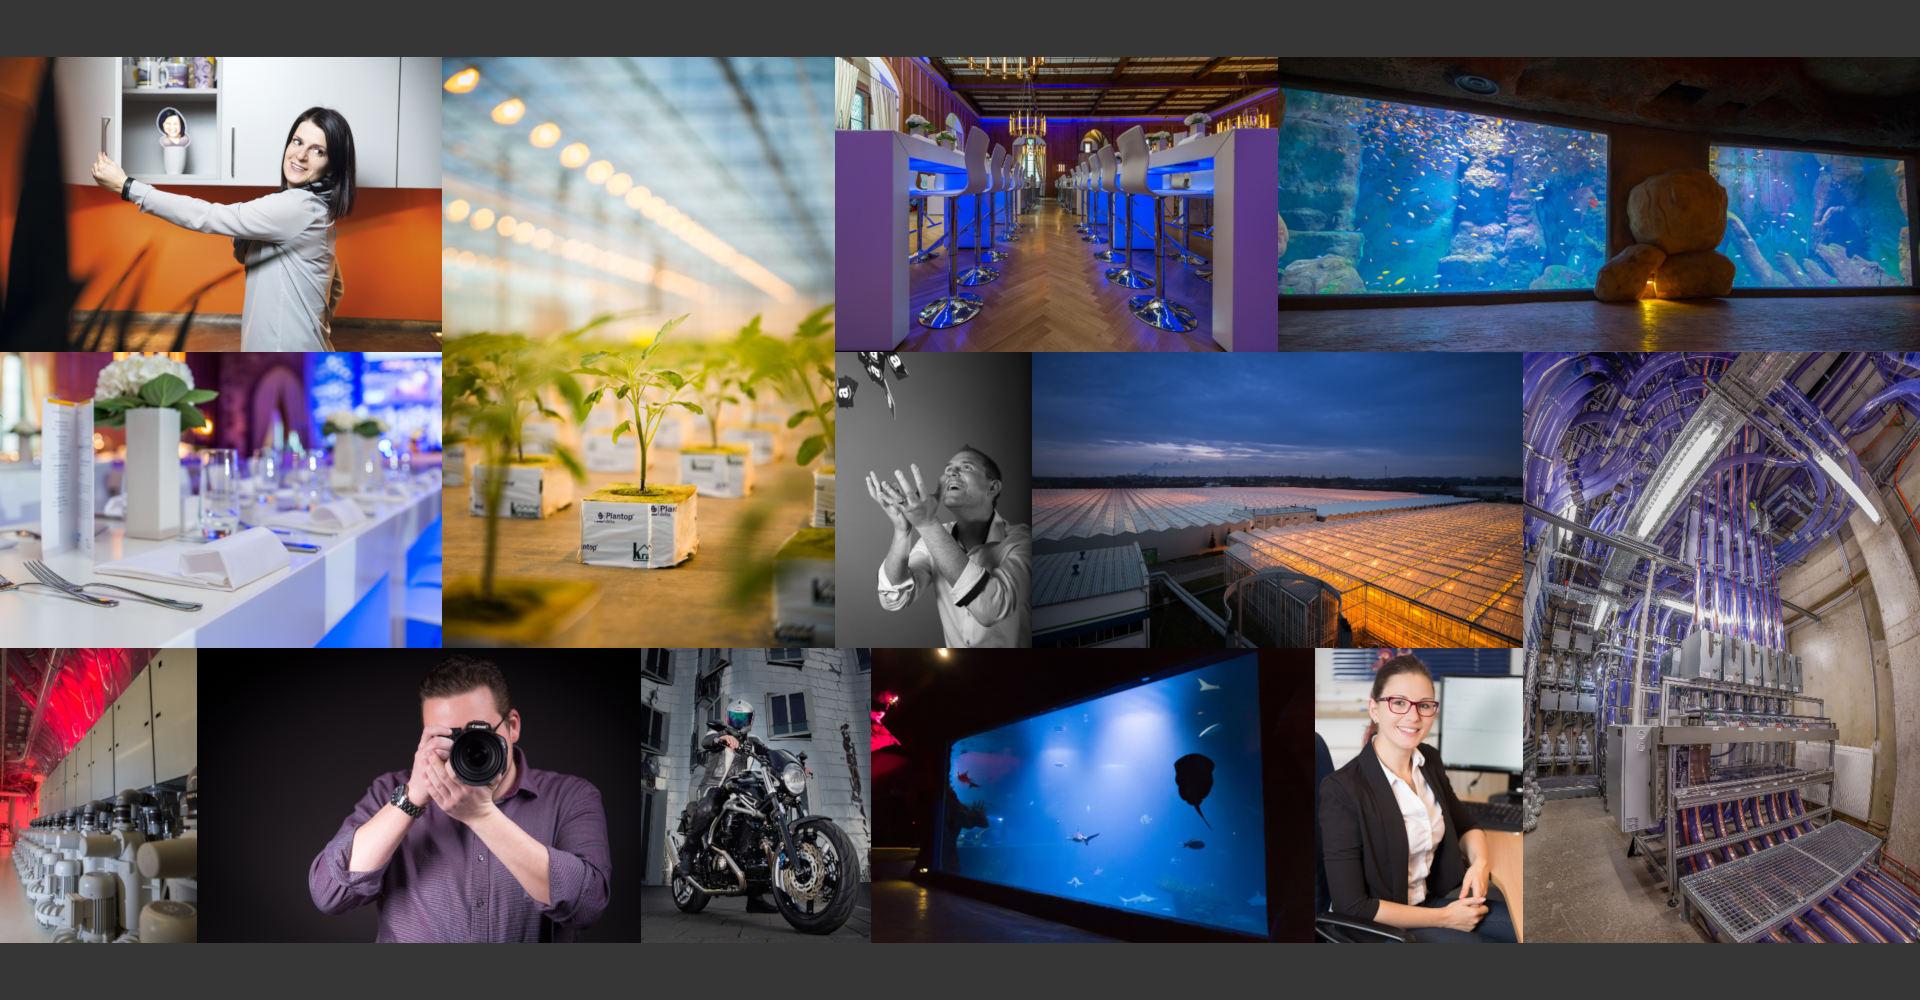 Business Photography Firmenfotografie Industriefotografie Green Houses Gewächshäuser Großplantage Maschinenbau Industrie-Fotos Collage Business Headshots CEO-Portrait